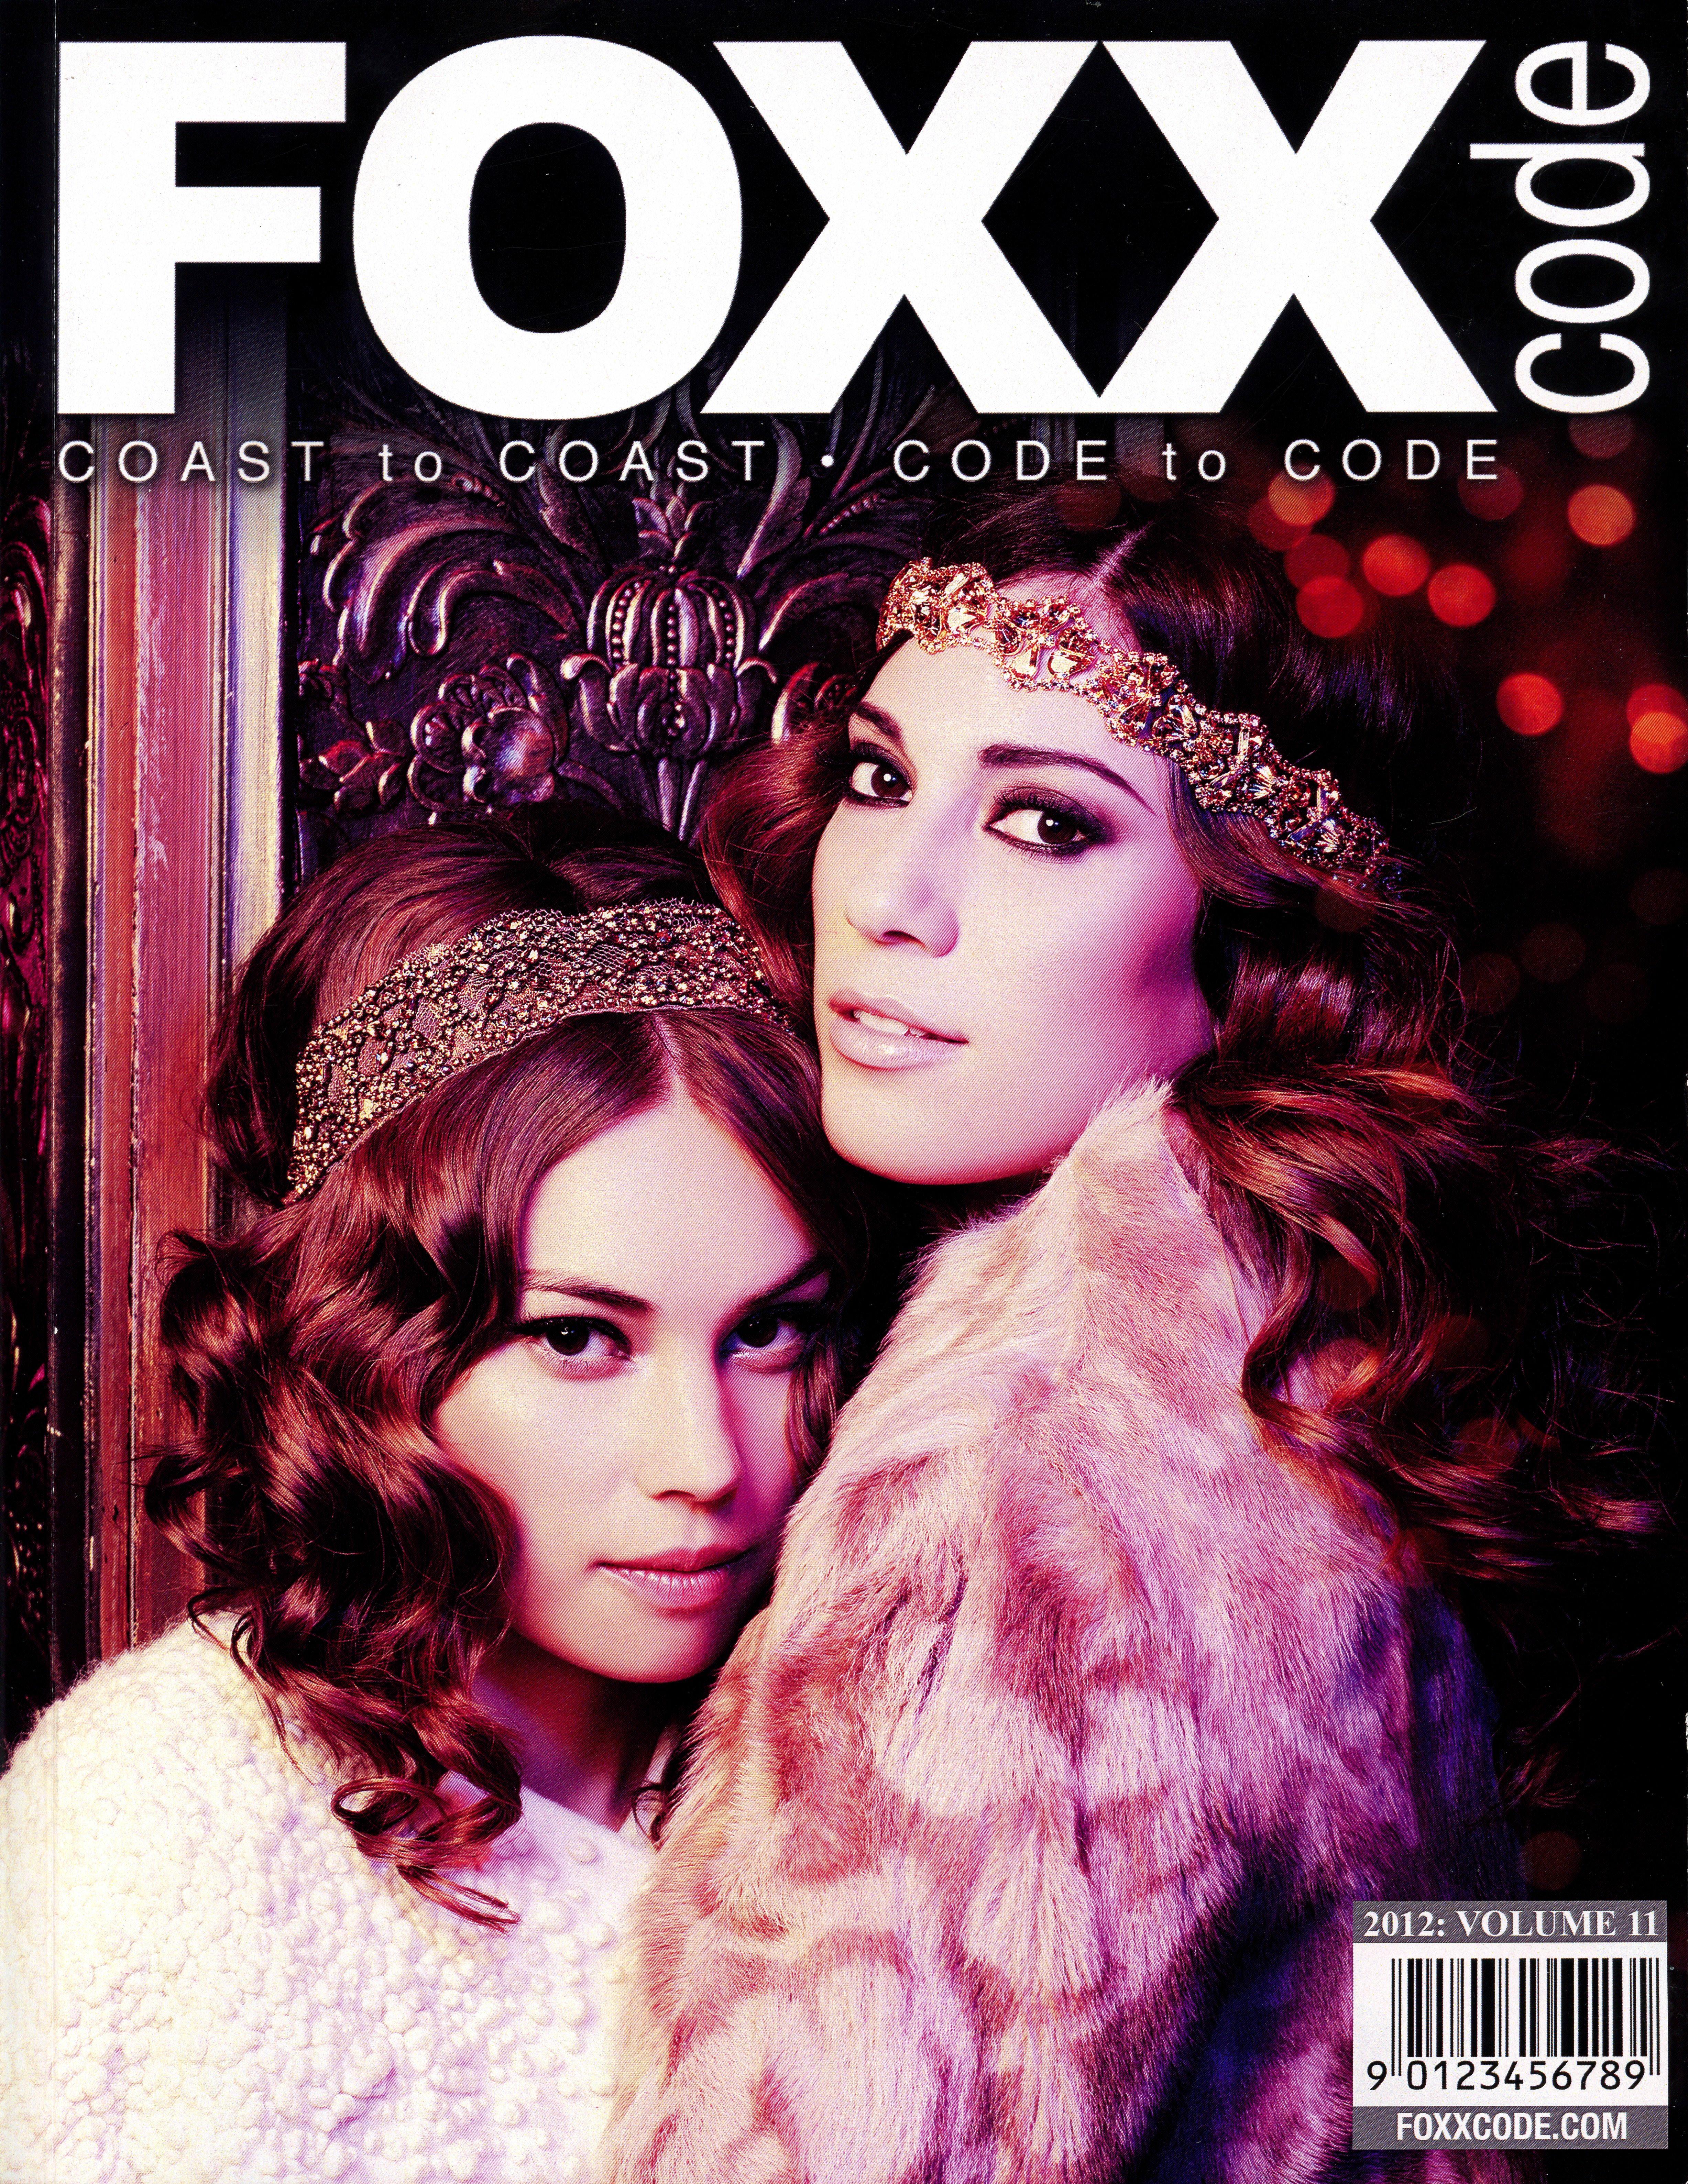 Fox Code Magazine